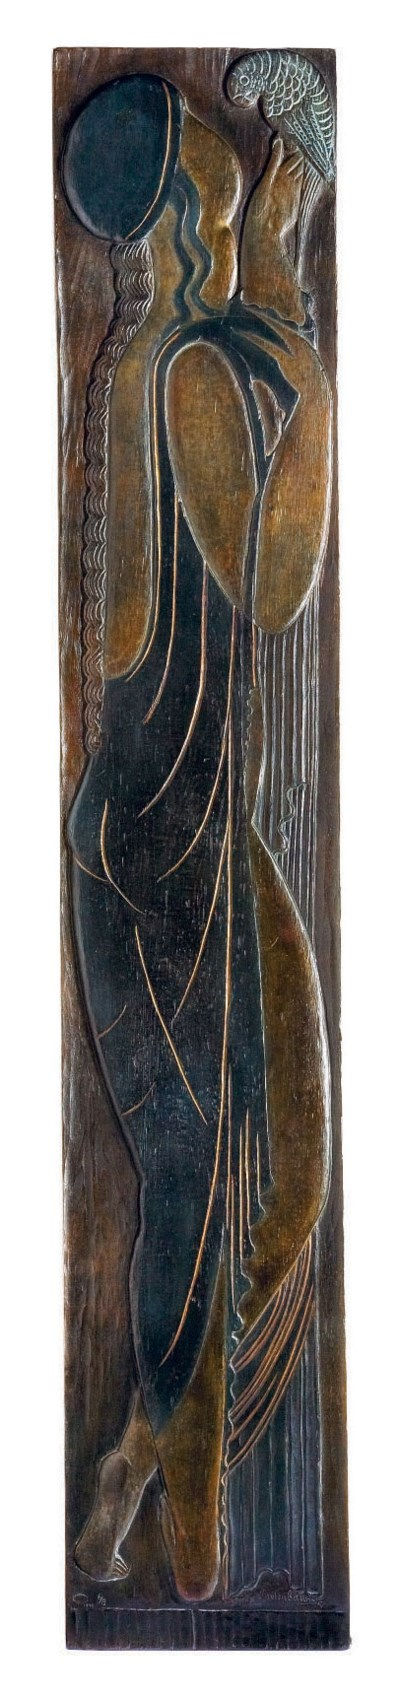 LEON INDENBAUM (1891-1981)